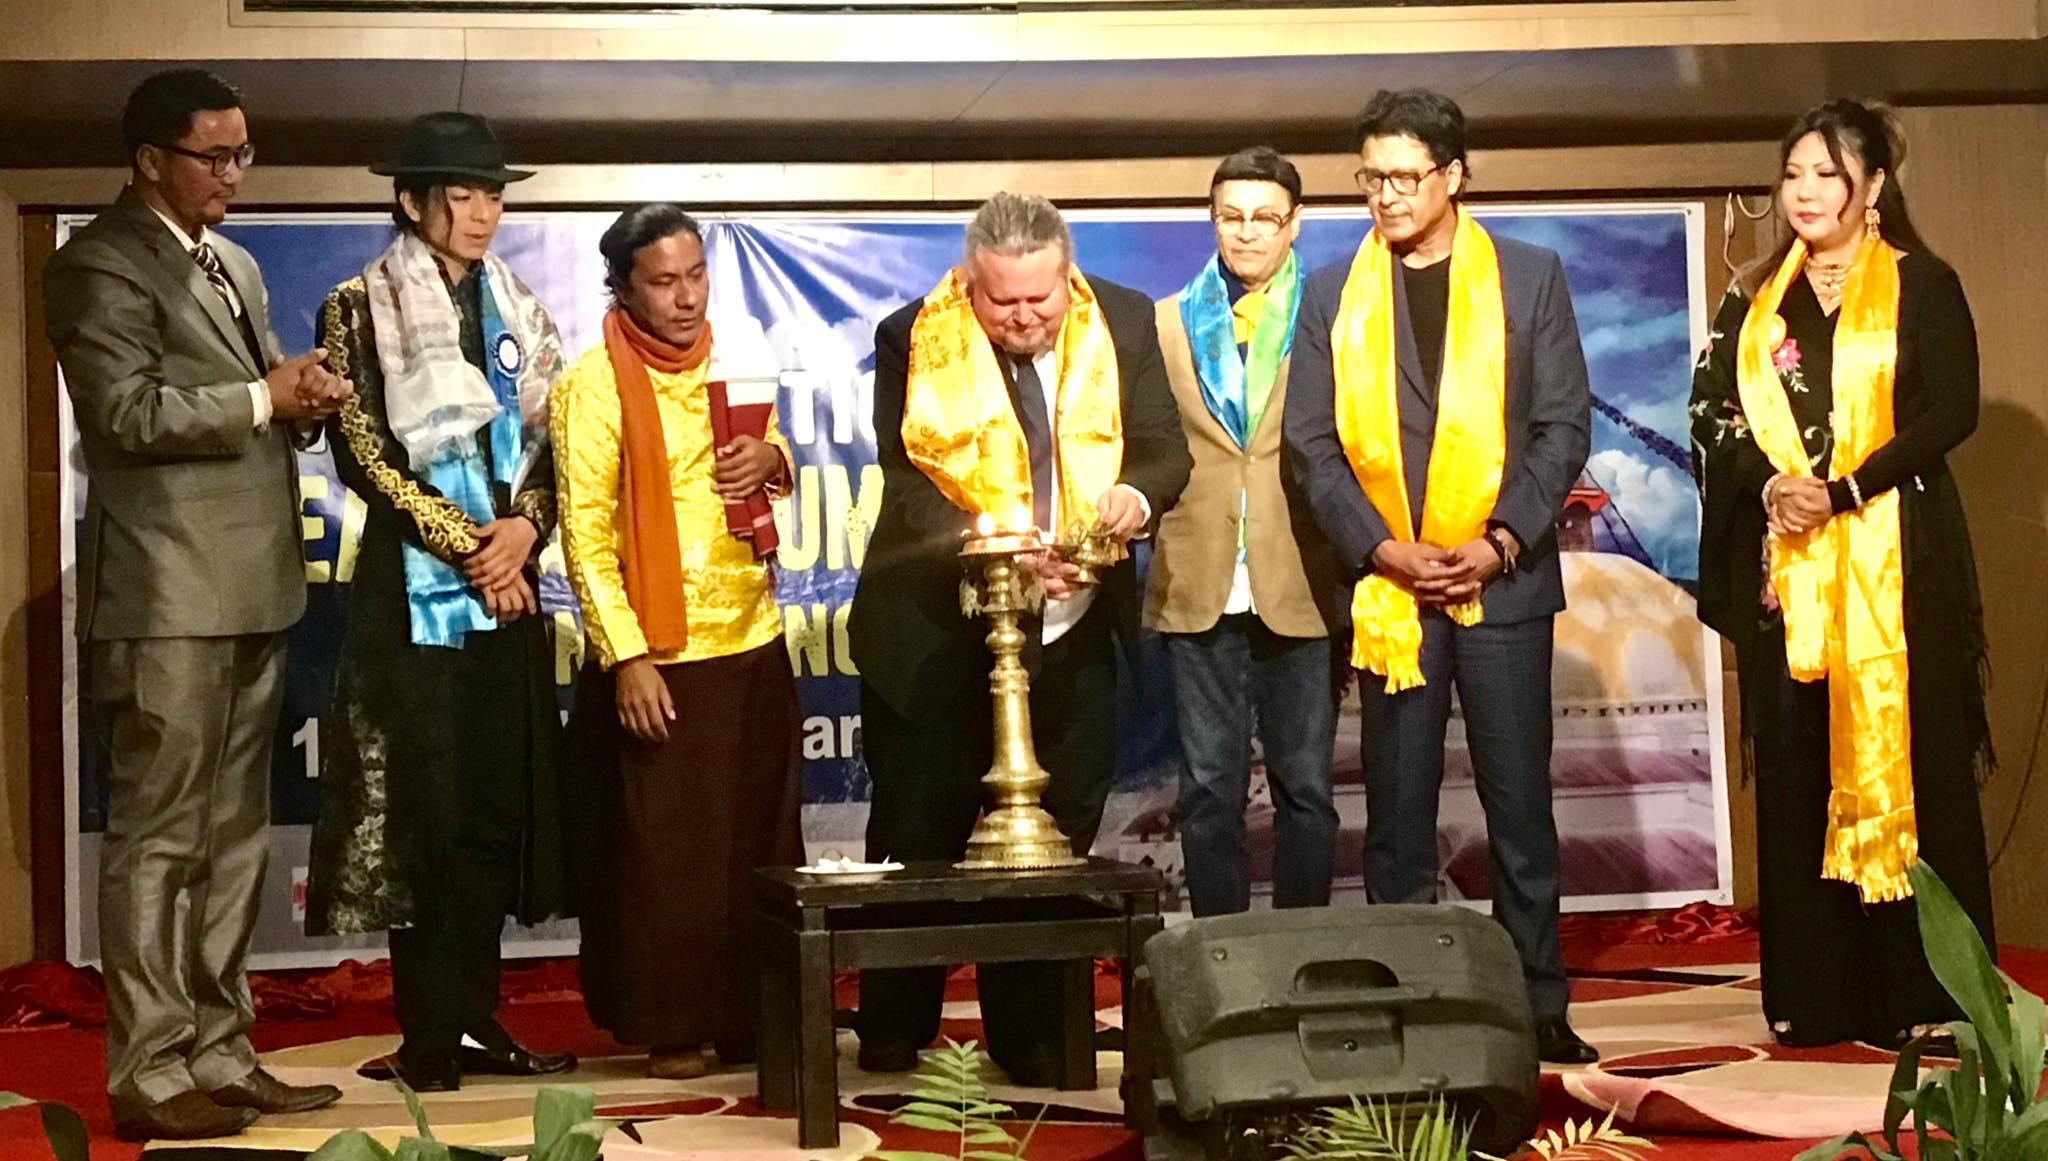 शान्ती र मानवताको लागि पहिलो पटक नेपालमा आयोजित अन्तरराष्ट्रिय सम्मेलन सम्पन्न